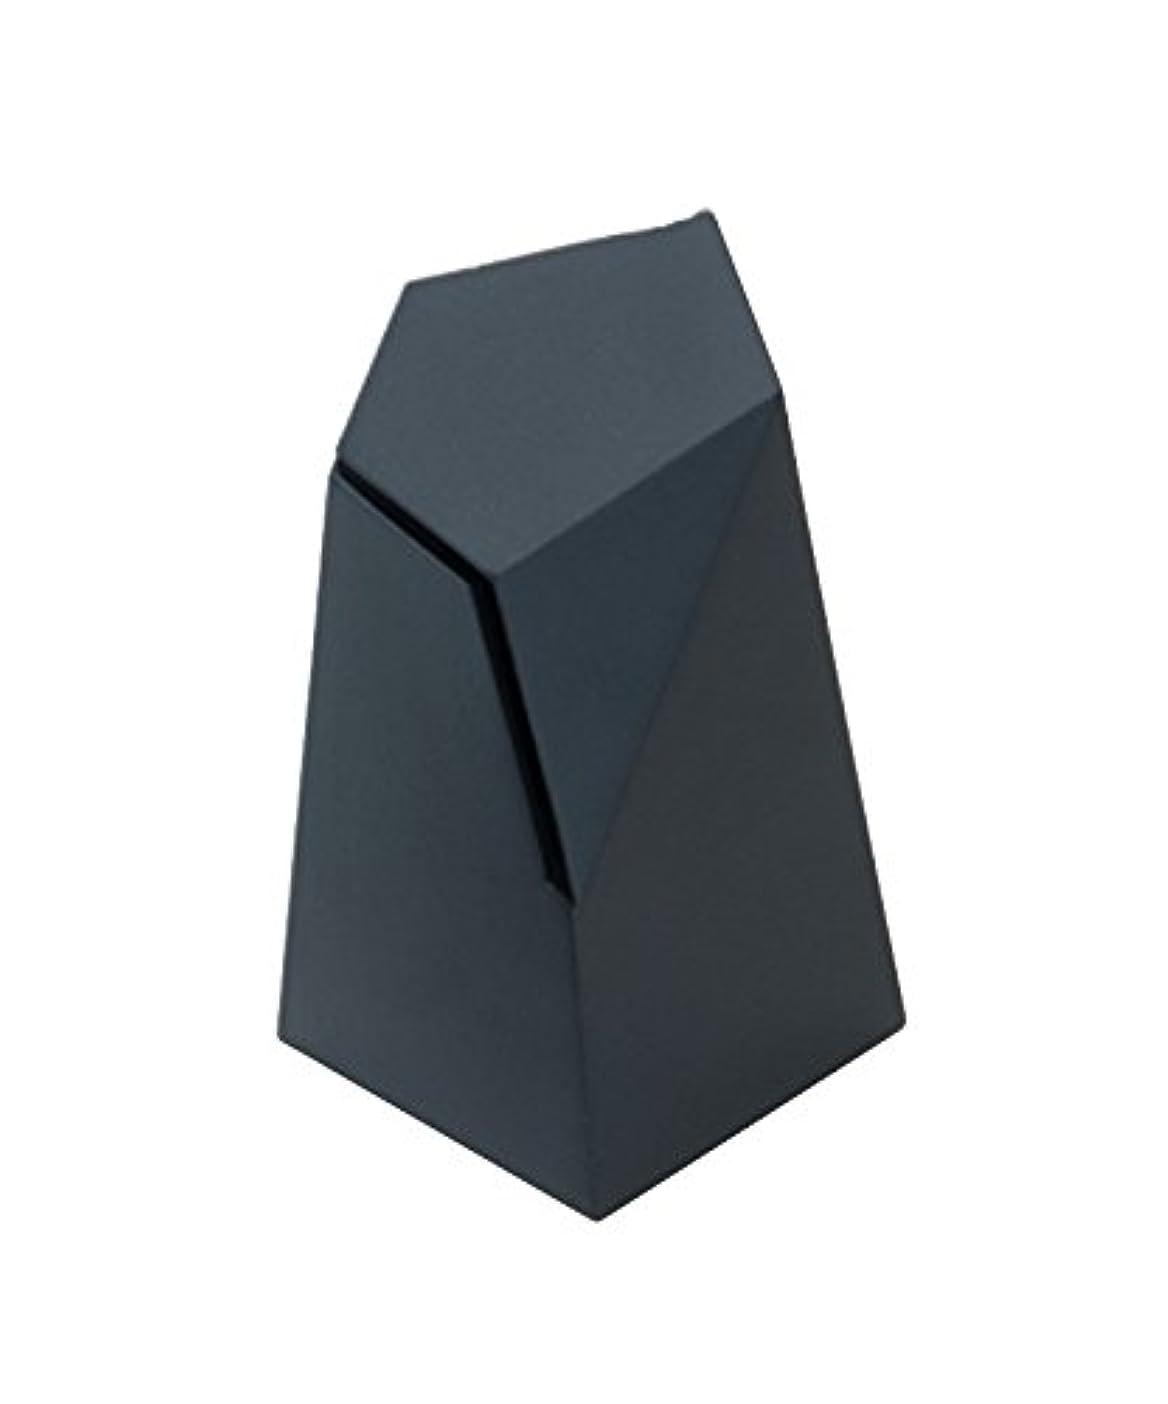 ビーズ終了する優れたナガエ Oyster incenseインセンスホルダー 香炉S ブラック